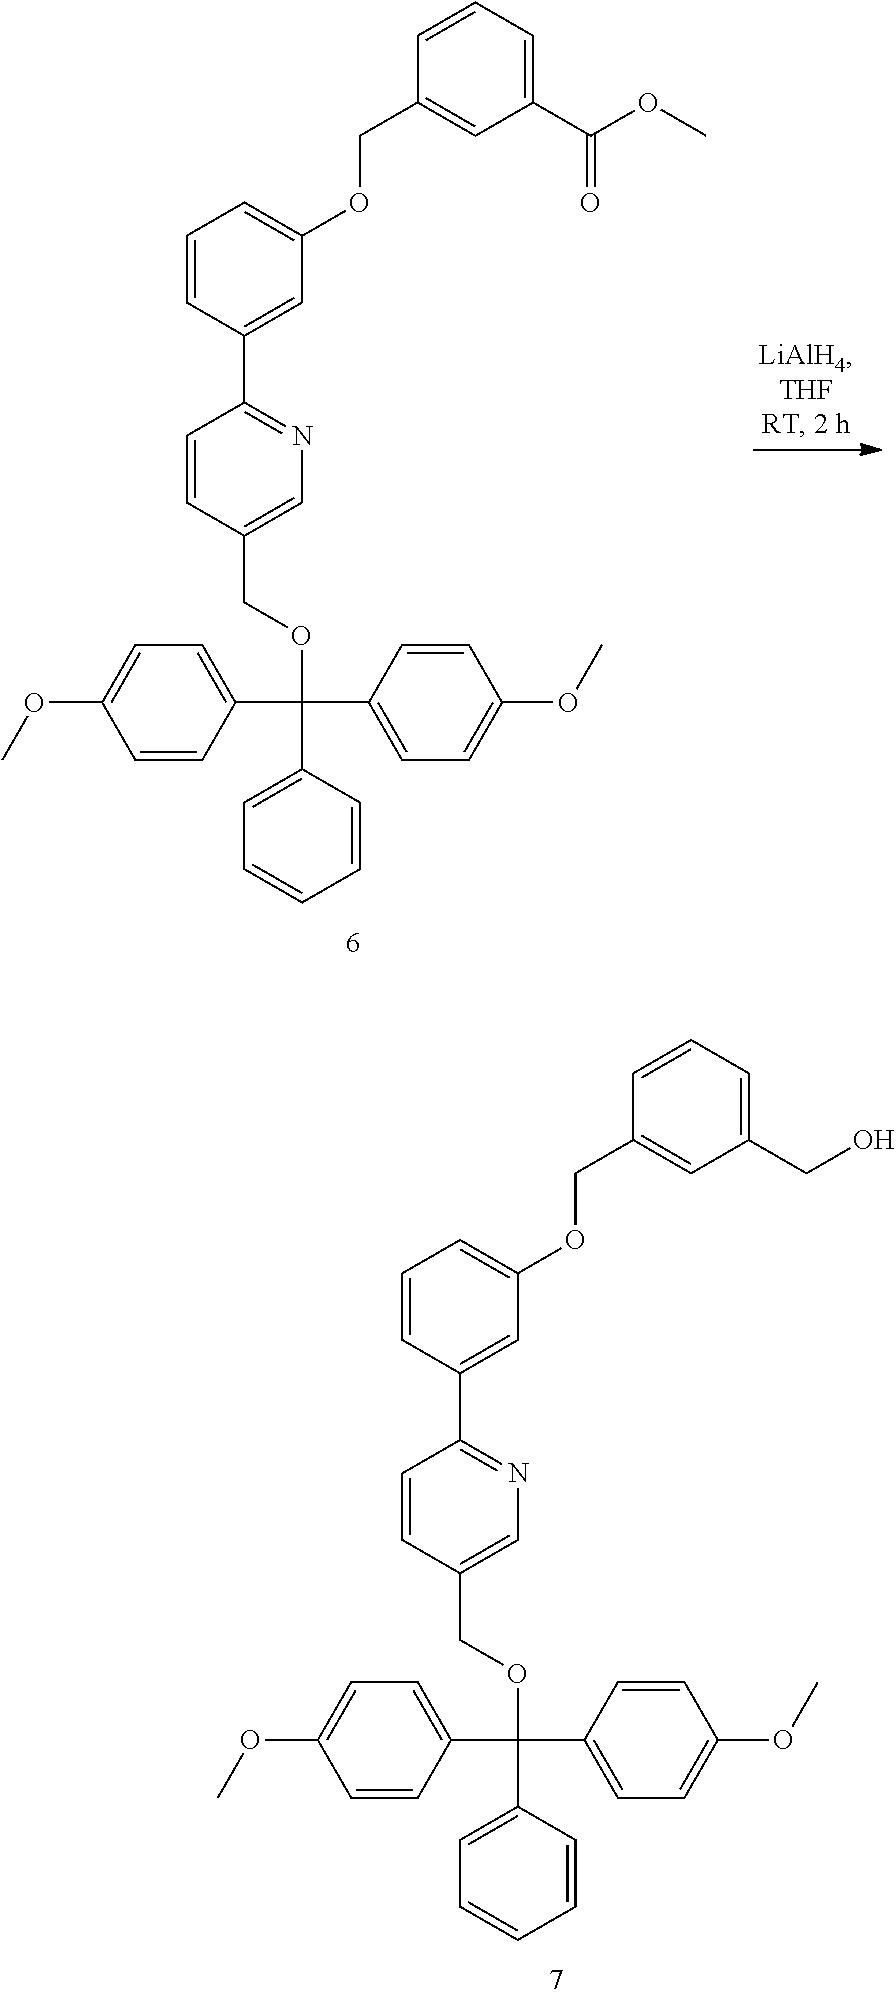 Figure US09988627-20180605-C00286